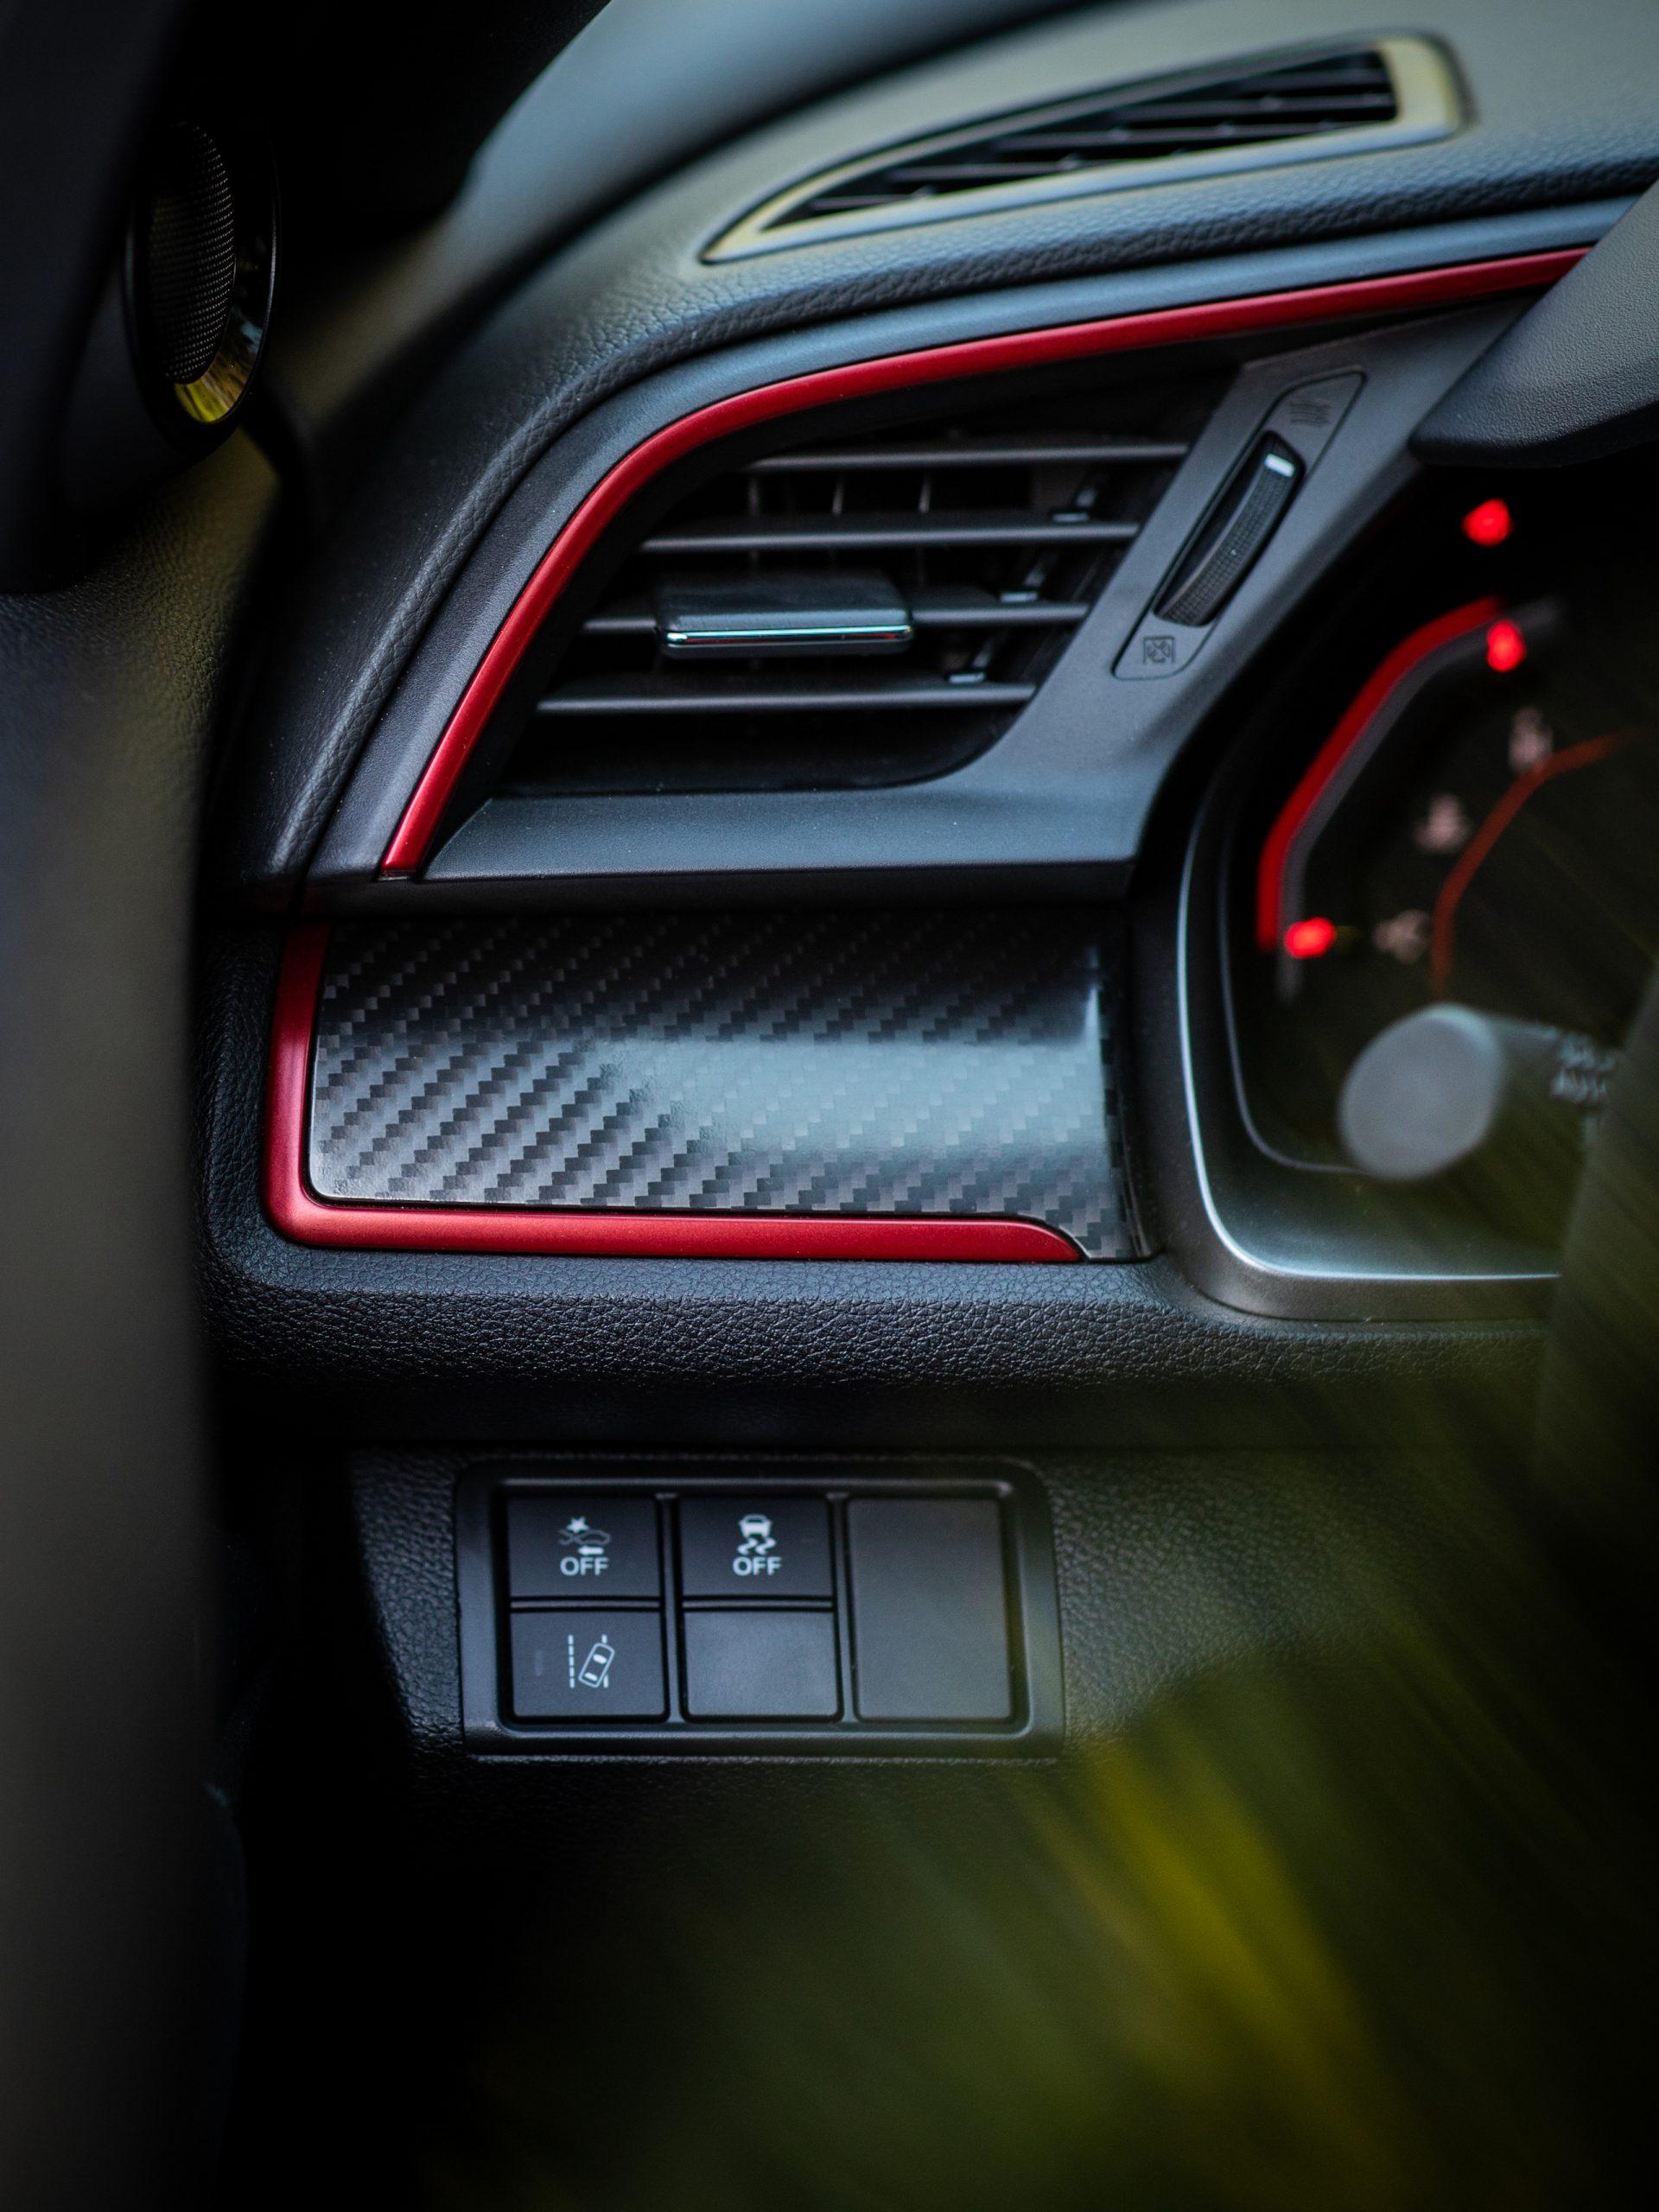 2020 Honda Civic Type R interior vent detail